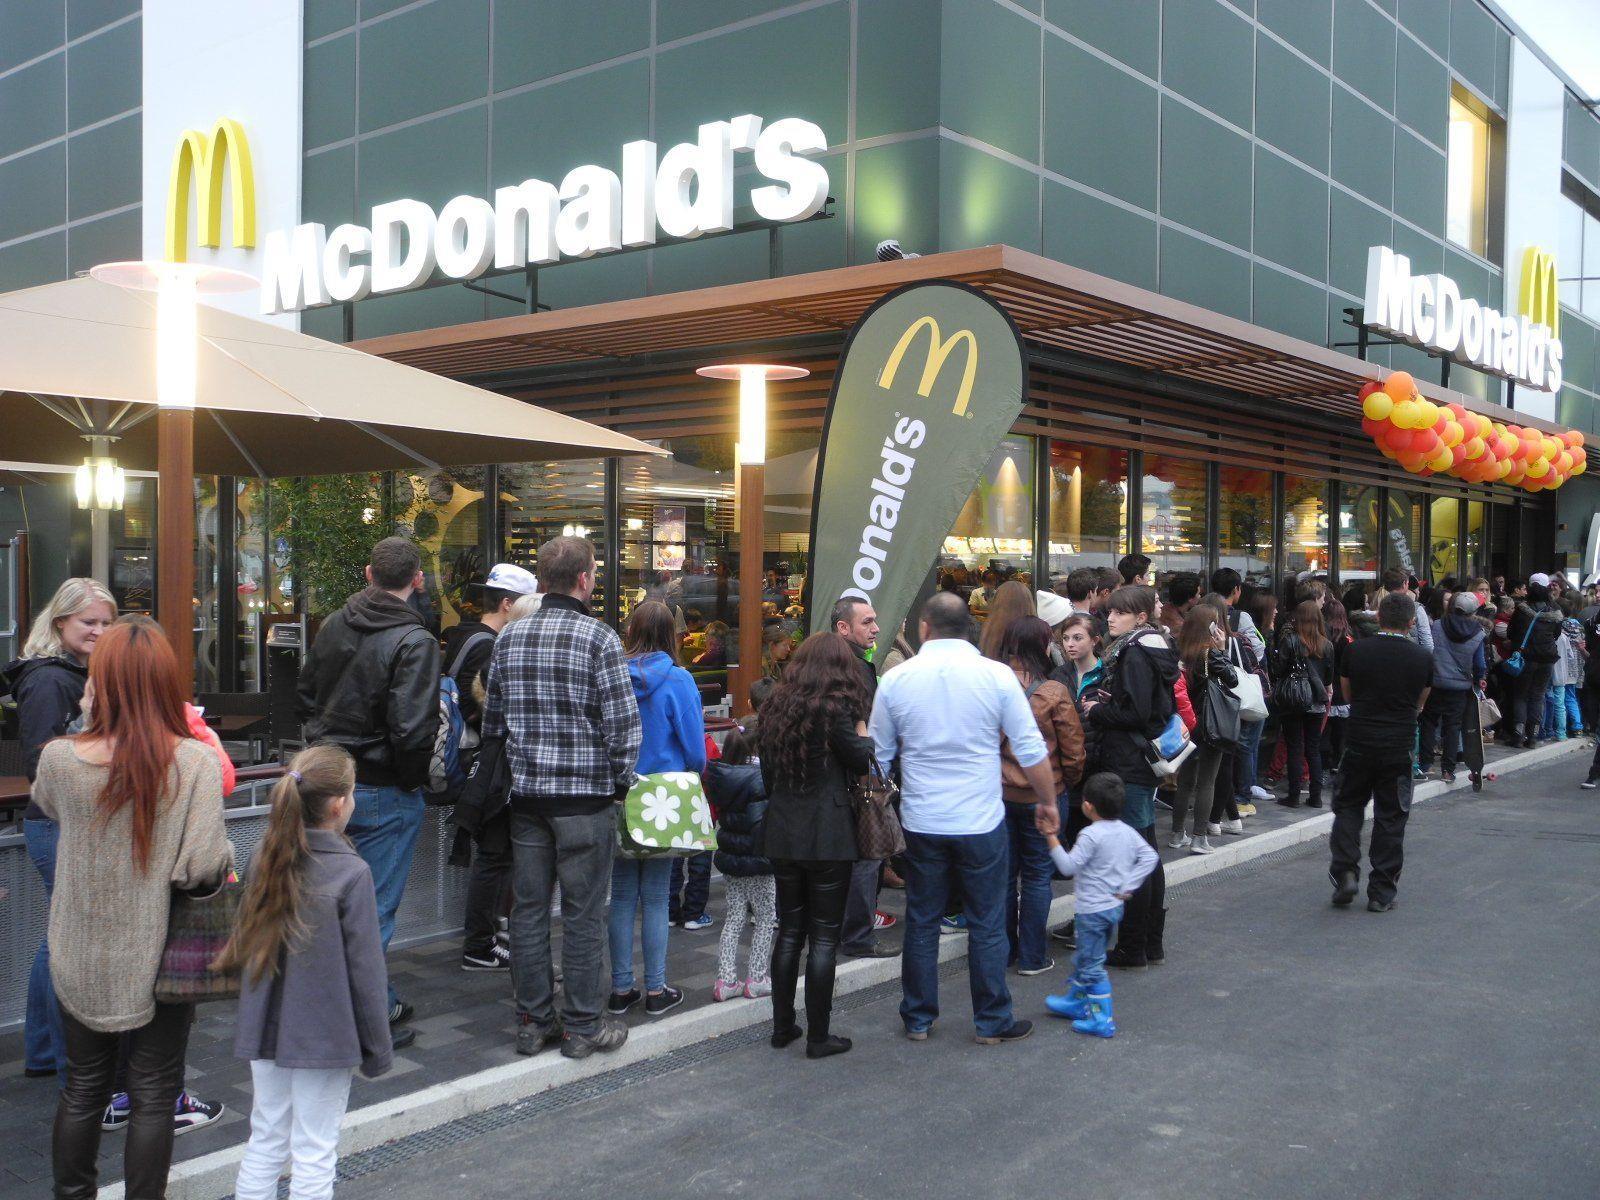 Eine lange Schlange von wartenden Gästen bildete sich vor dem neune Mc Restaurant, sie mußten das Ende der Eröffnungsfeier abwarten